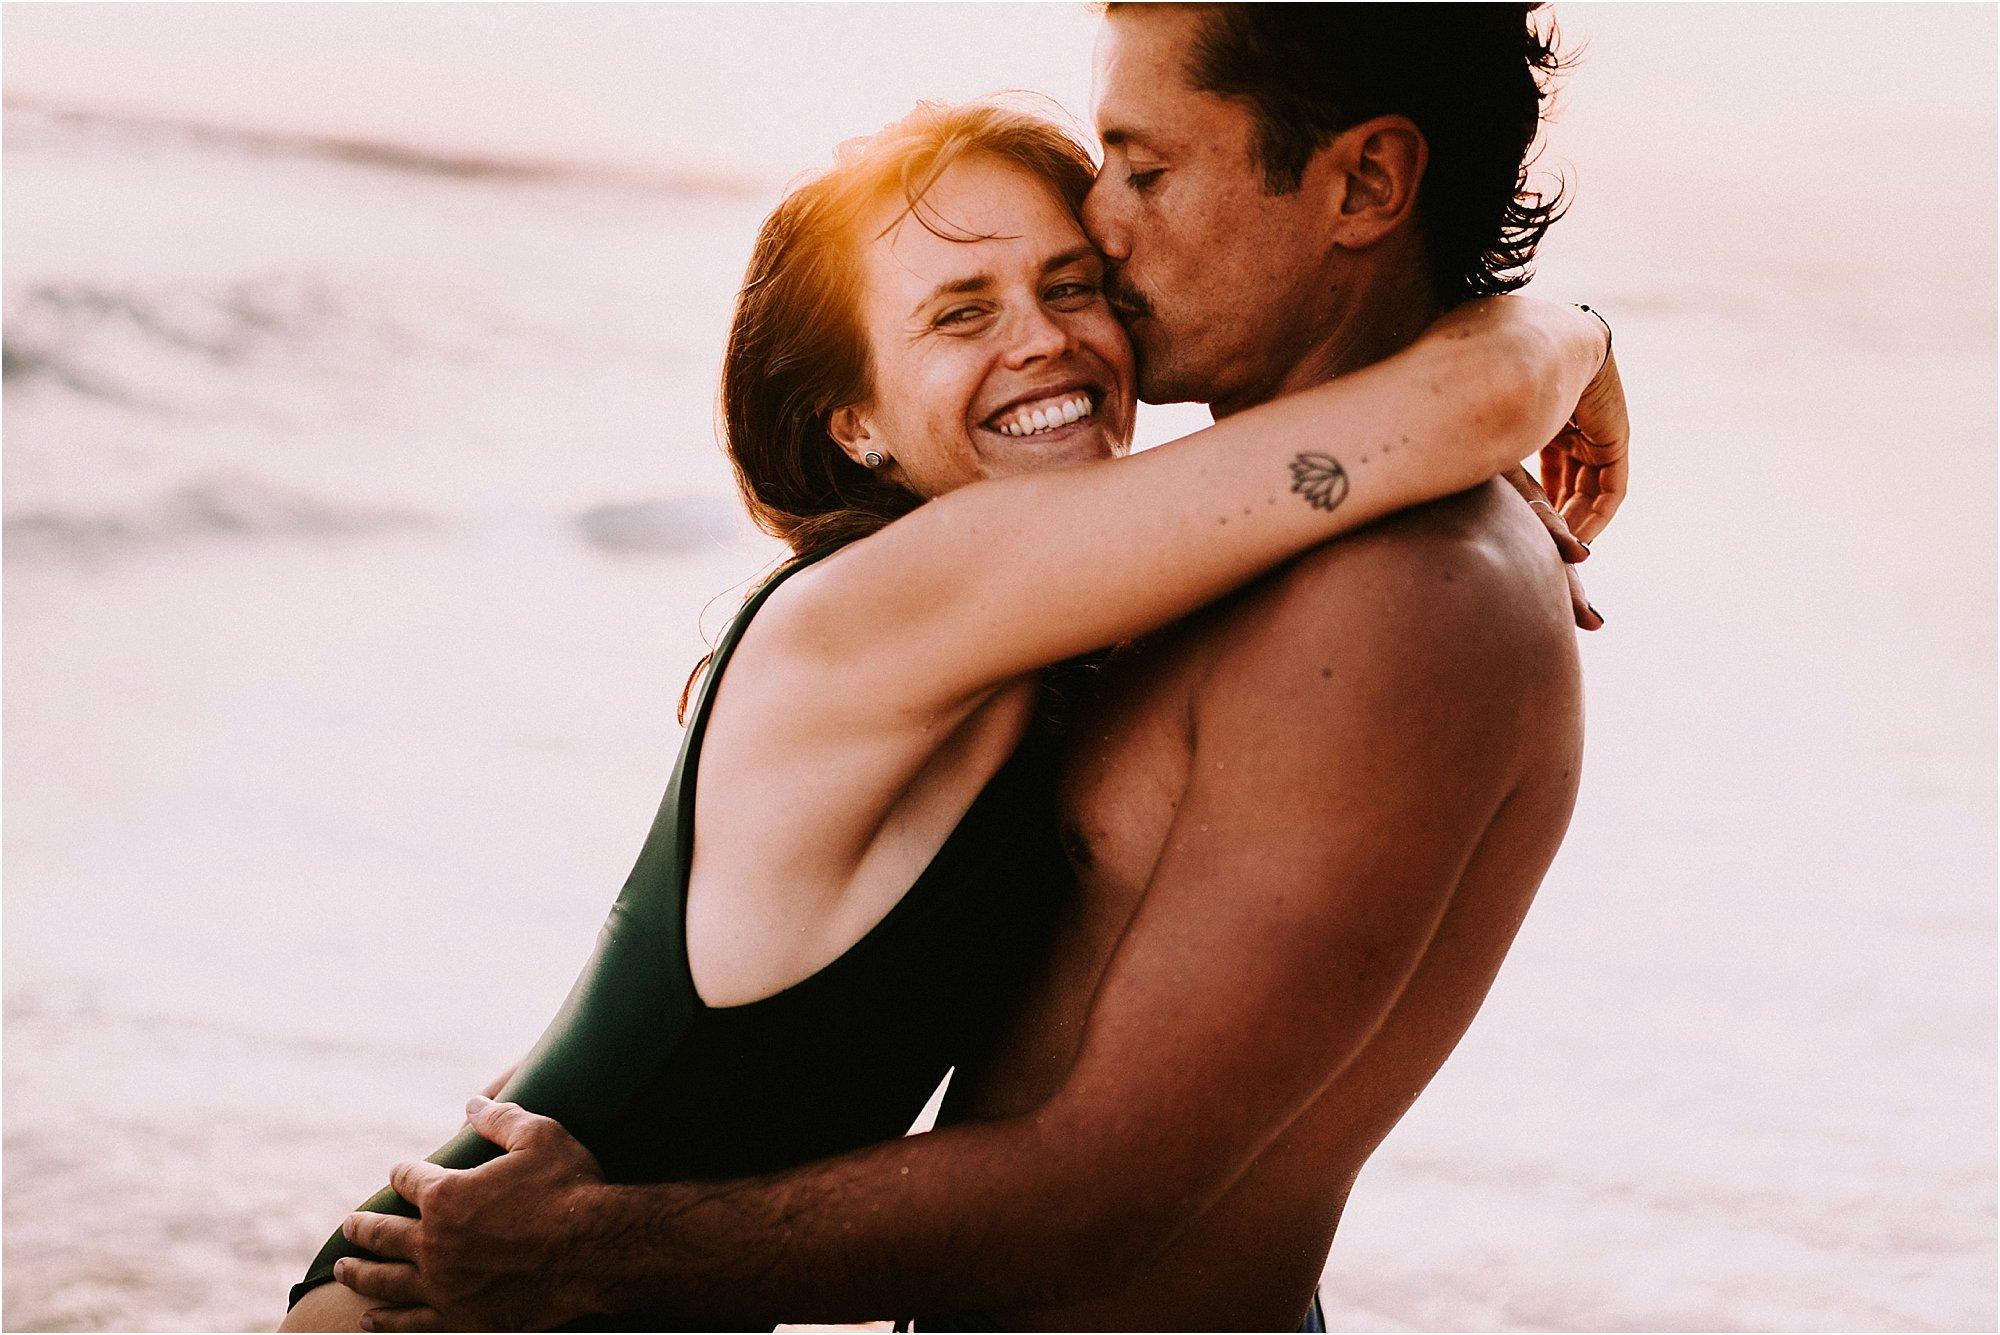 couple at golden hour at Nyang Nyang beach